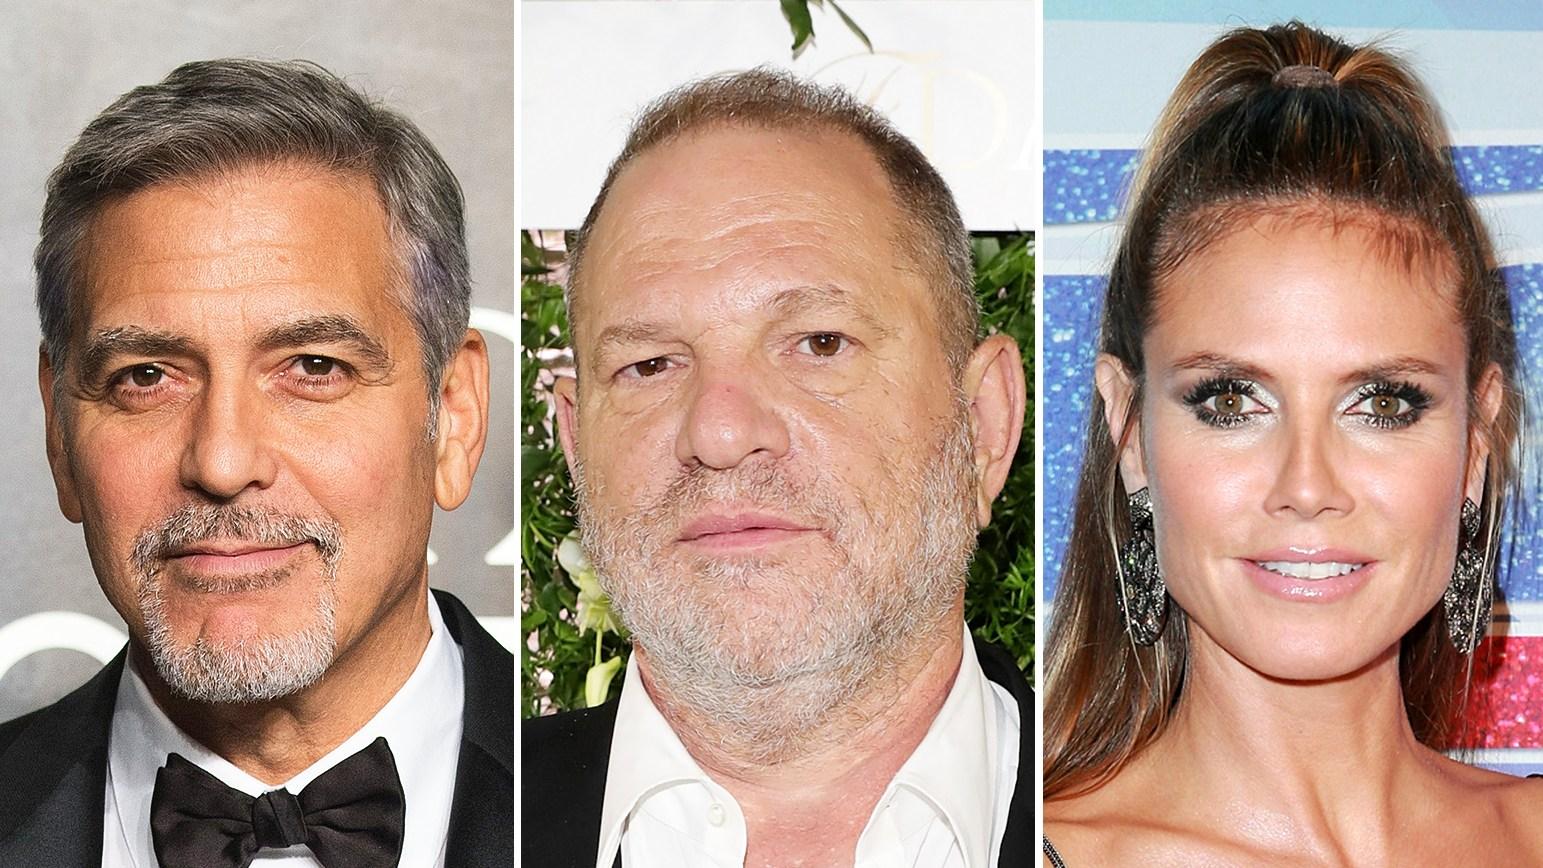 George Clooney Harvey Weinstein Heidi Klum